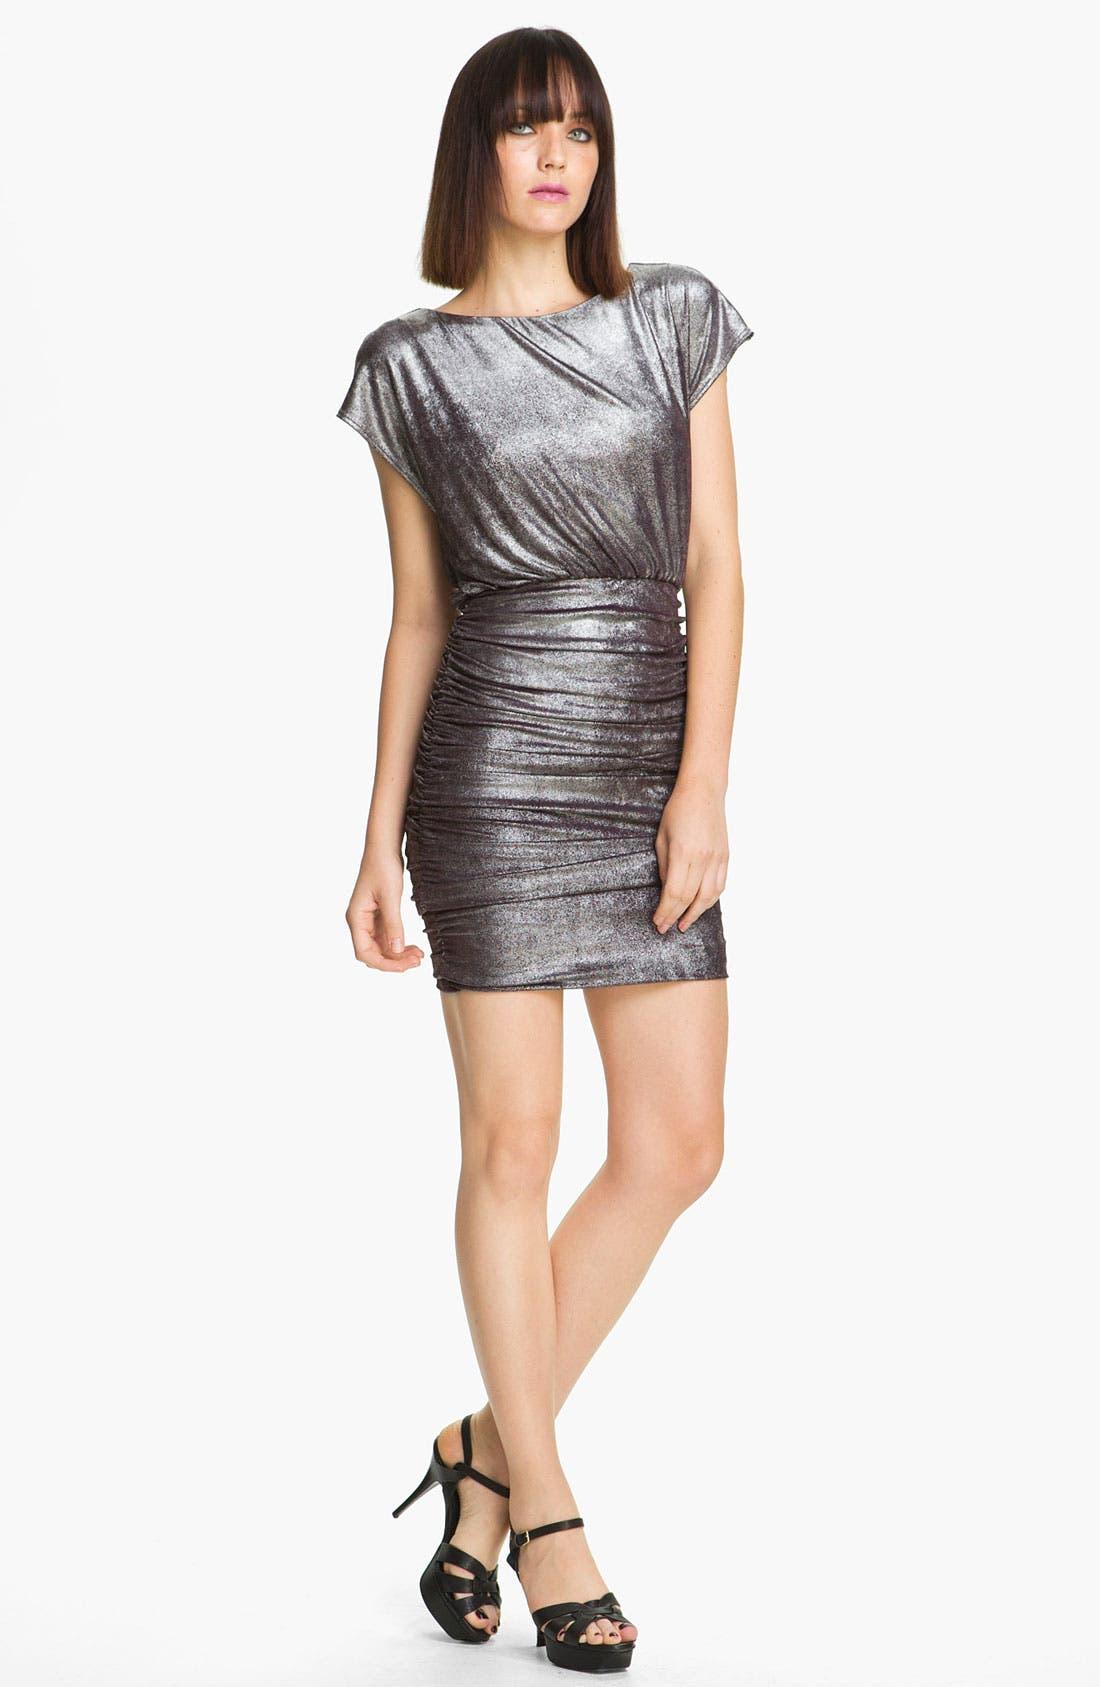 Alternate Image 1 Selected - Alice + Olivia 'Alysha' Metallic Ruched Dress